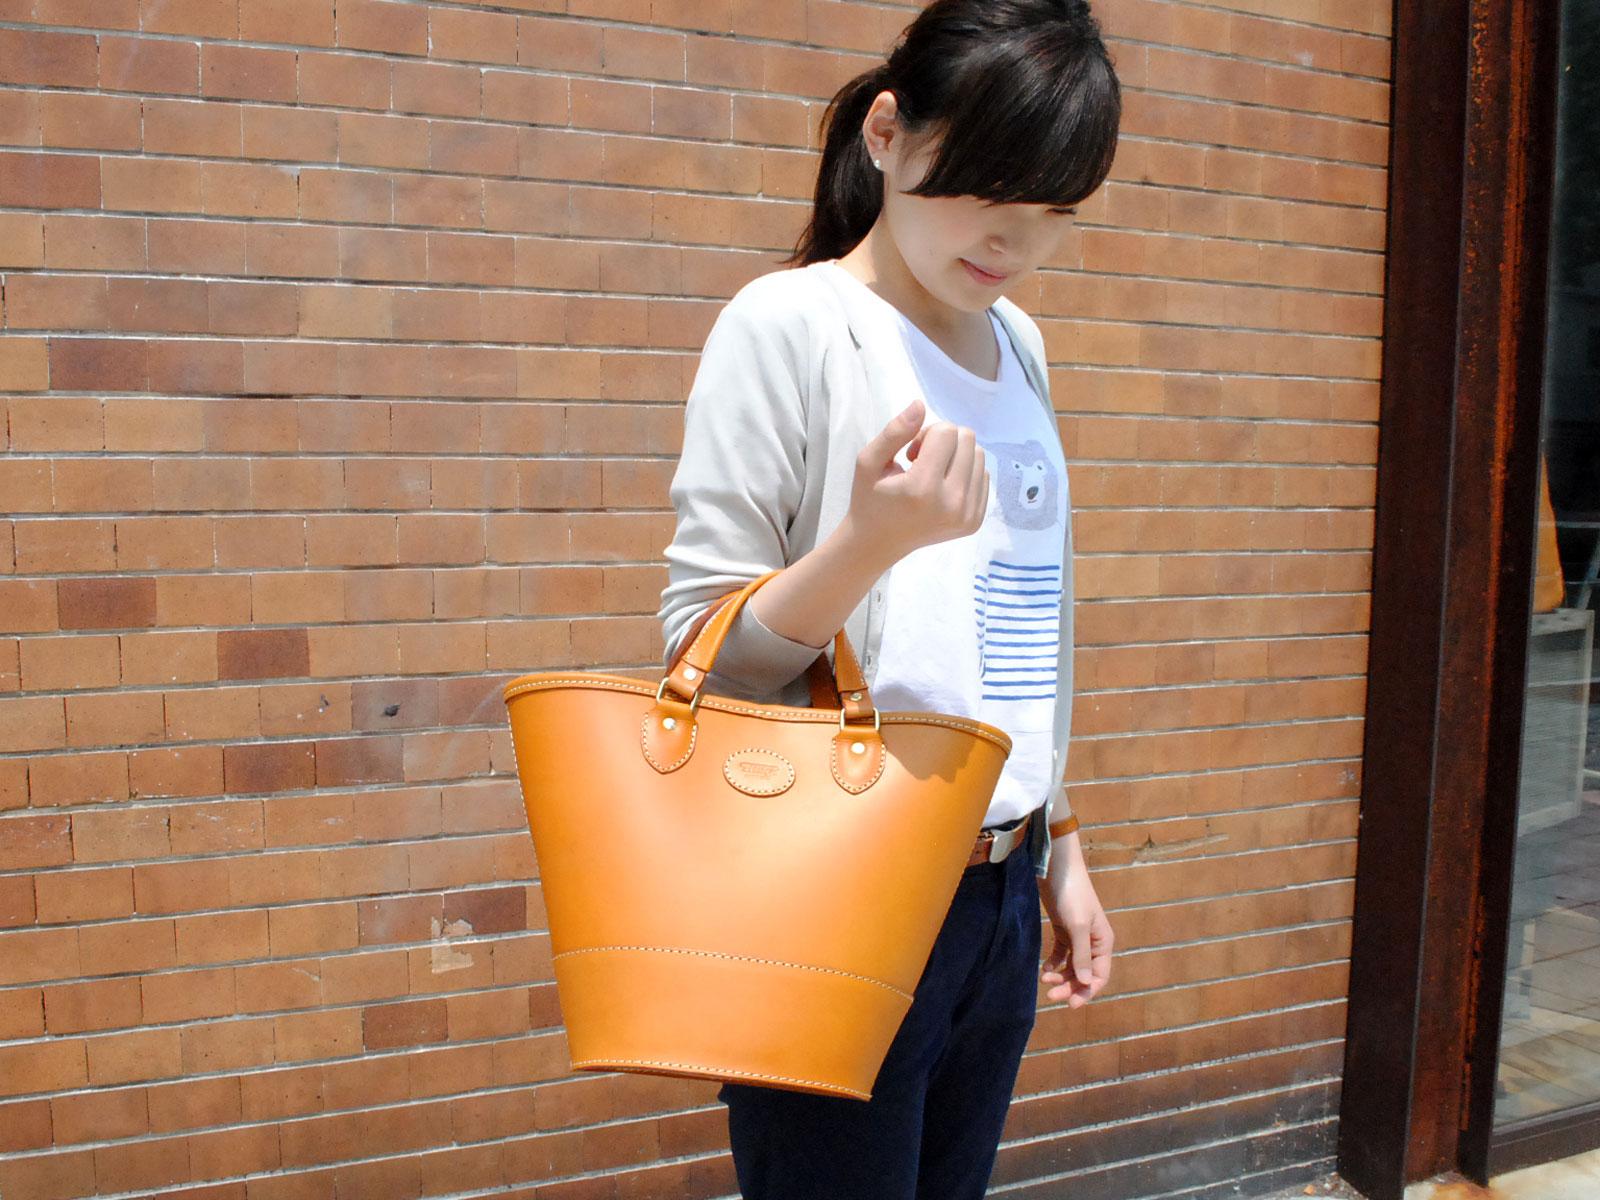 大阪店3周年記念バッグ Vol.6 楕円トートバッグ